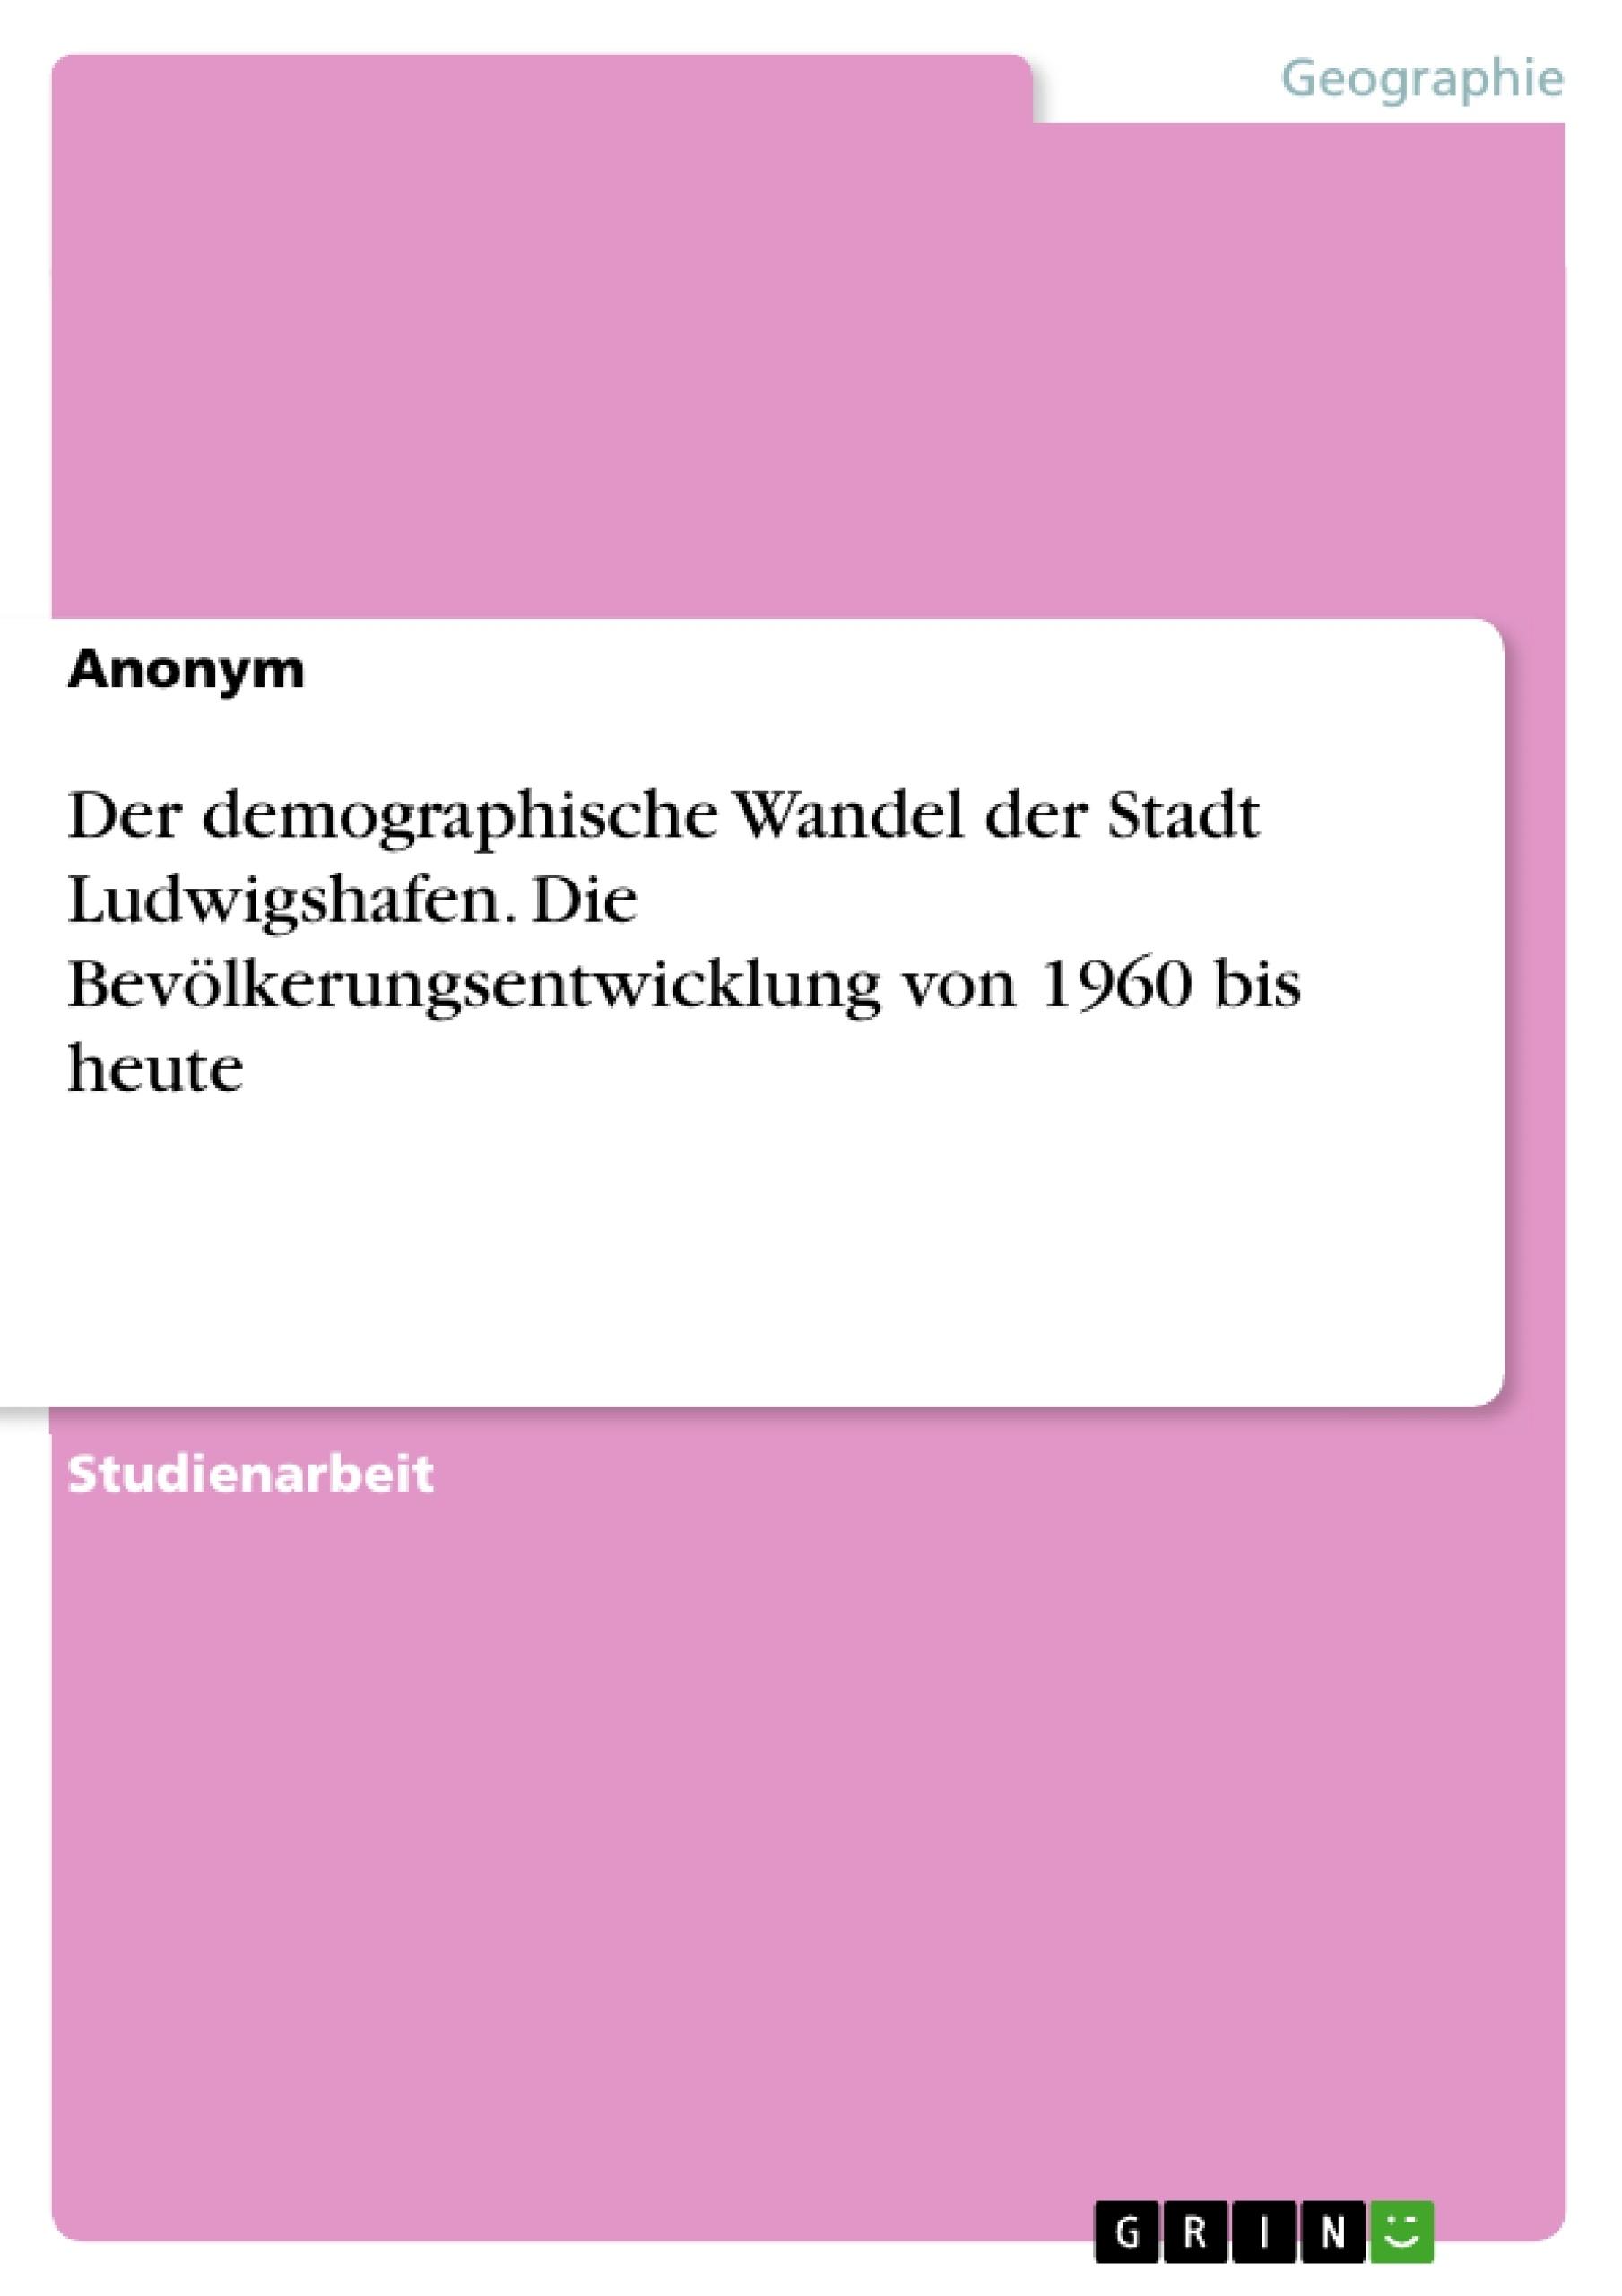 Titel: Der demographische Wandel der Stadt Ludwigshafen. Die Bevölkerungsentwicklung von 1960 bis heute